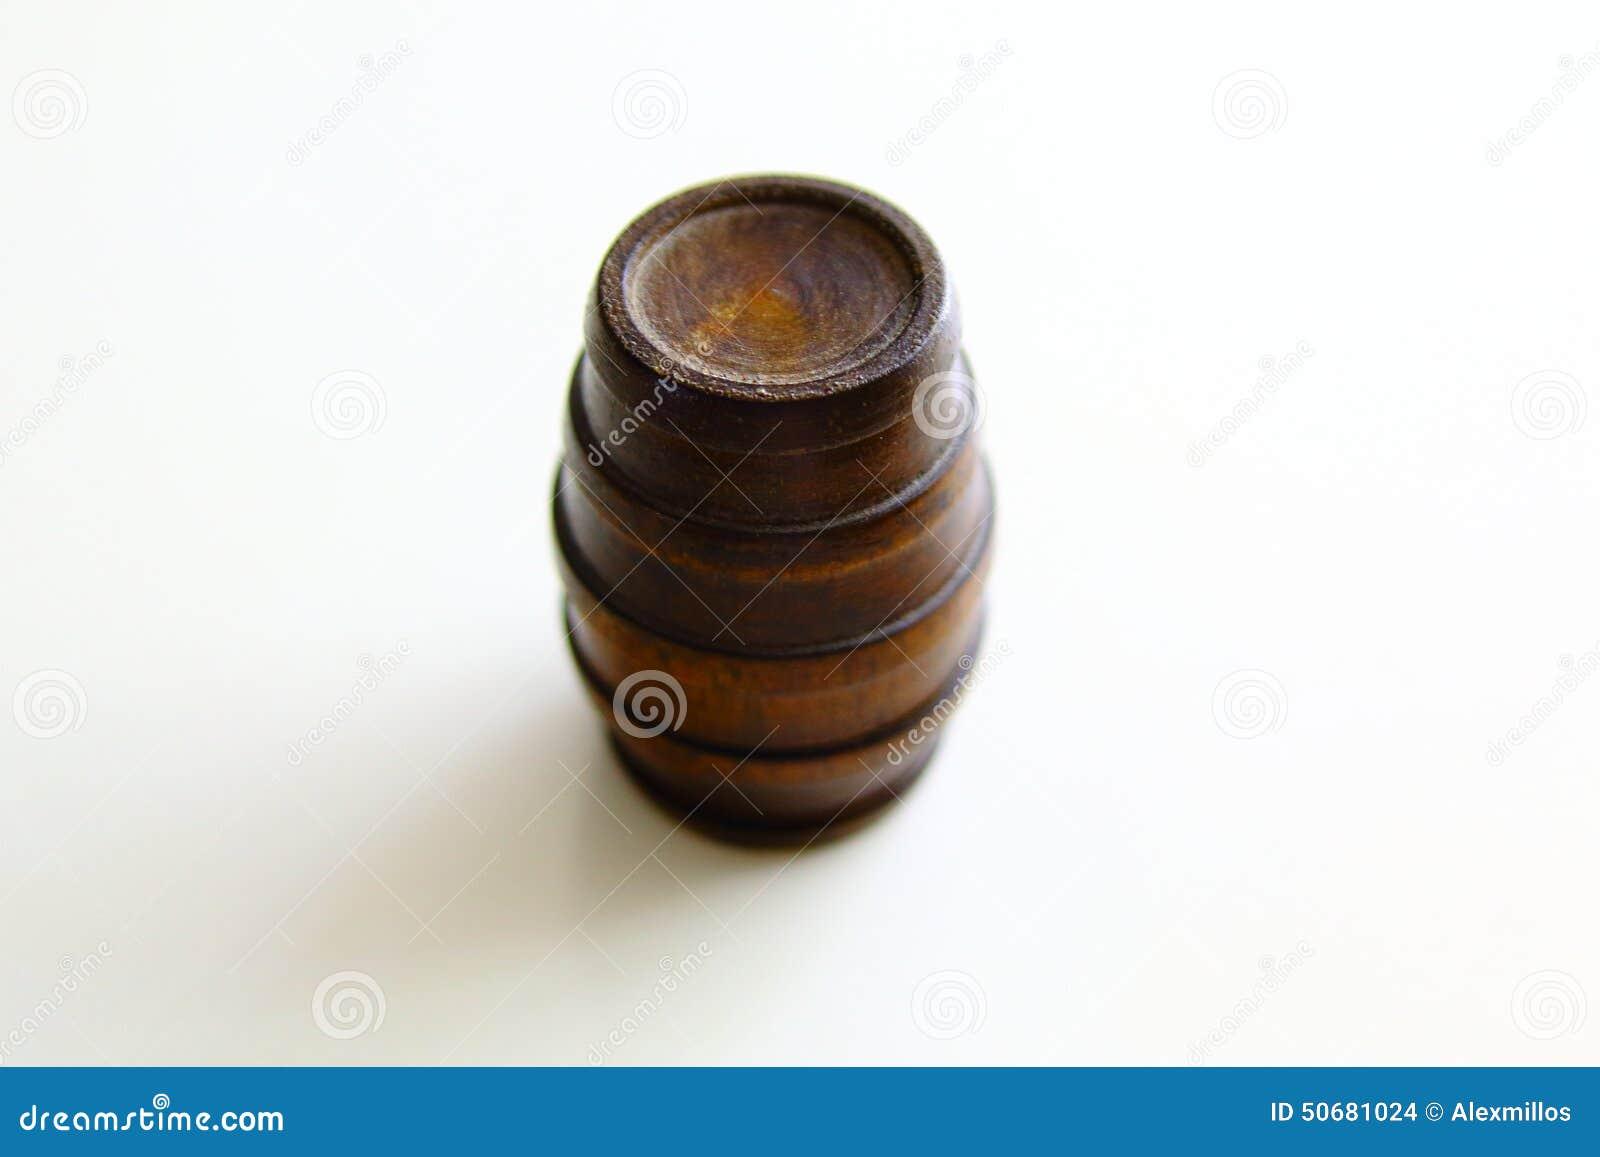 Download 经典木桶的图象 库存照片. 图片 包括有 空白, 查出, 橡木, 叫化子, 存贮, 小桶, 葡萄酒, 木头 - 50681024